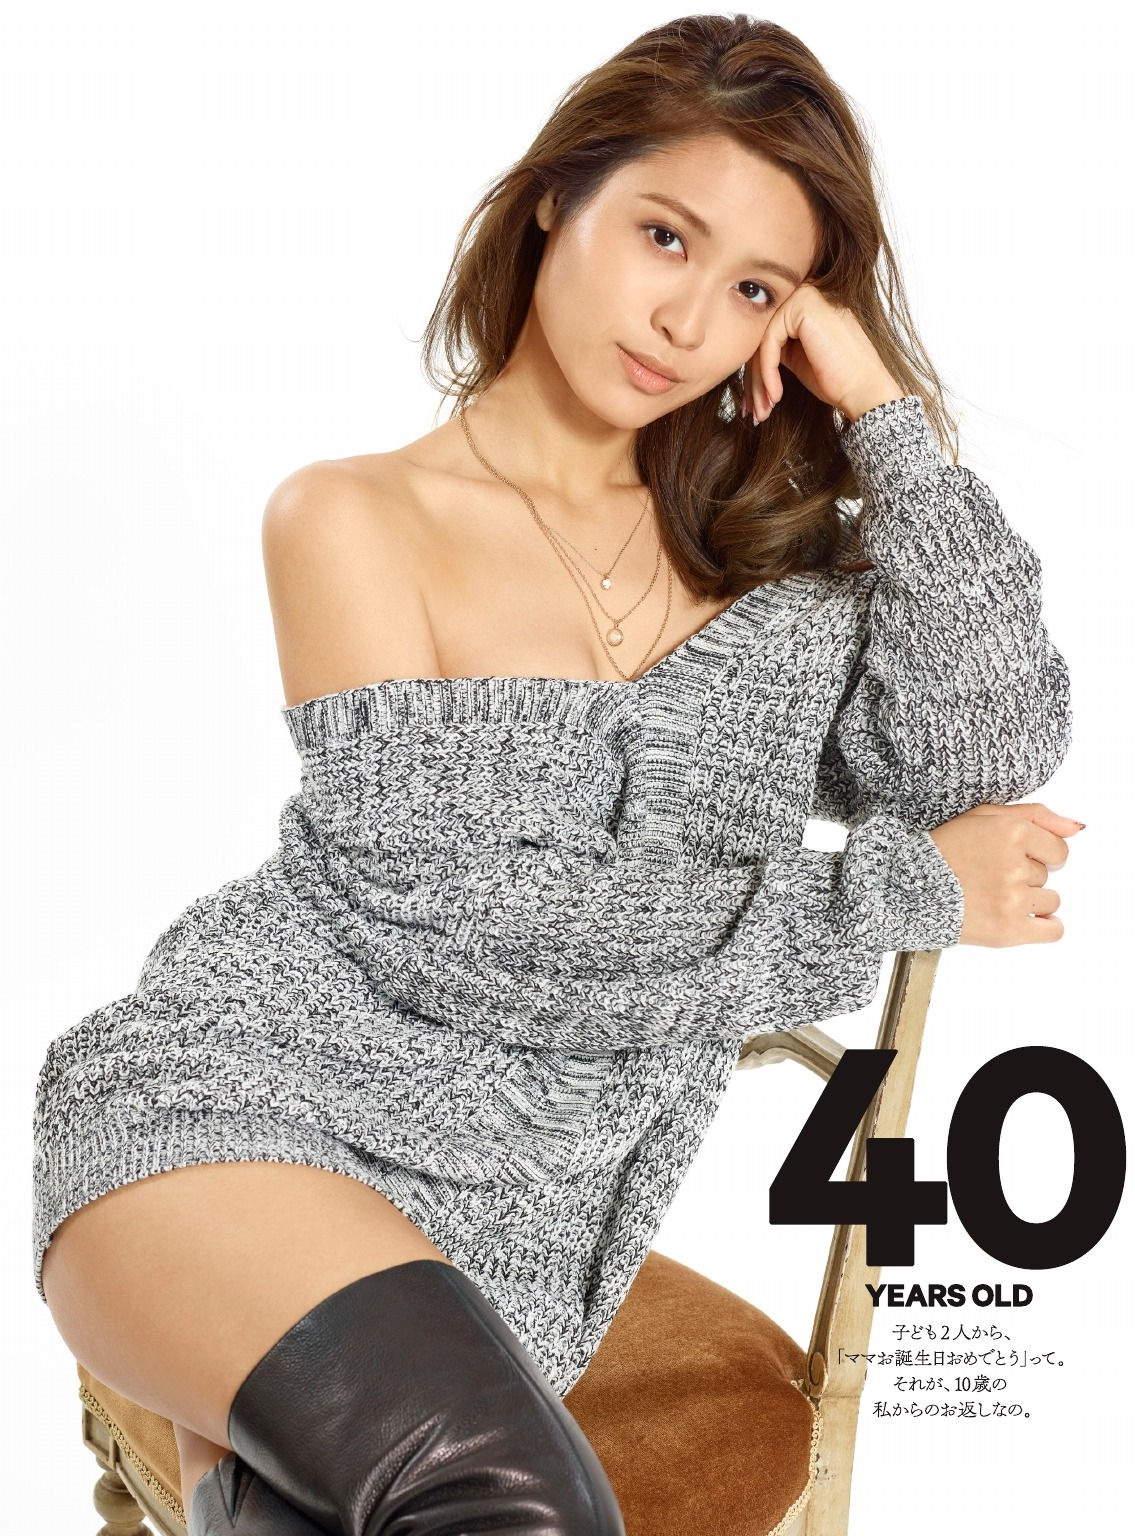 matsumoto_ai064.jpg